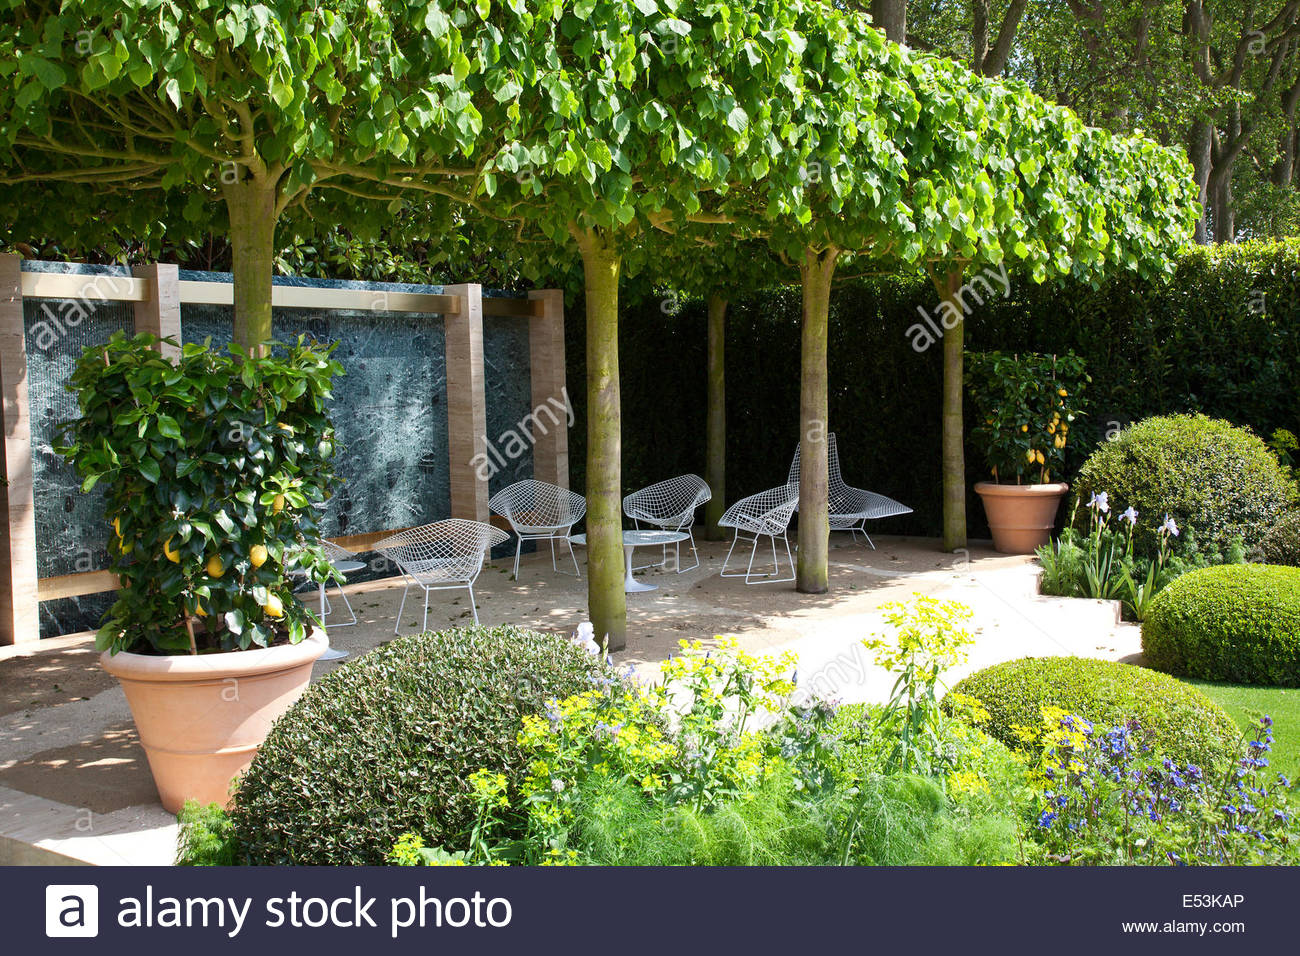 A canopy of Tilia x europaea u0027Pallidau0027 u2013 Lime trees shade a seating area in a contemporary garden & A canopy of Tilia x europaea u0027Pallidau0027 u2013 Lime trees shade a ...